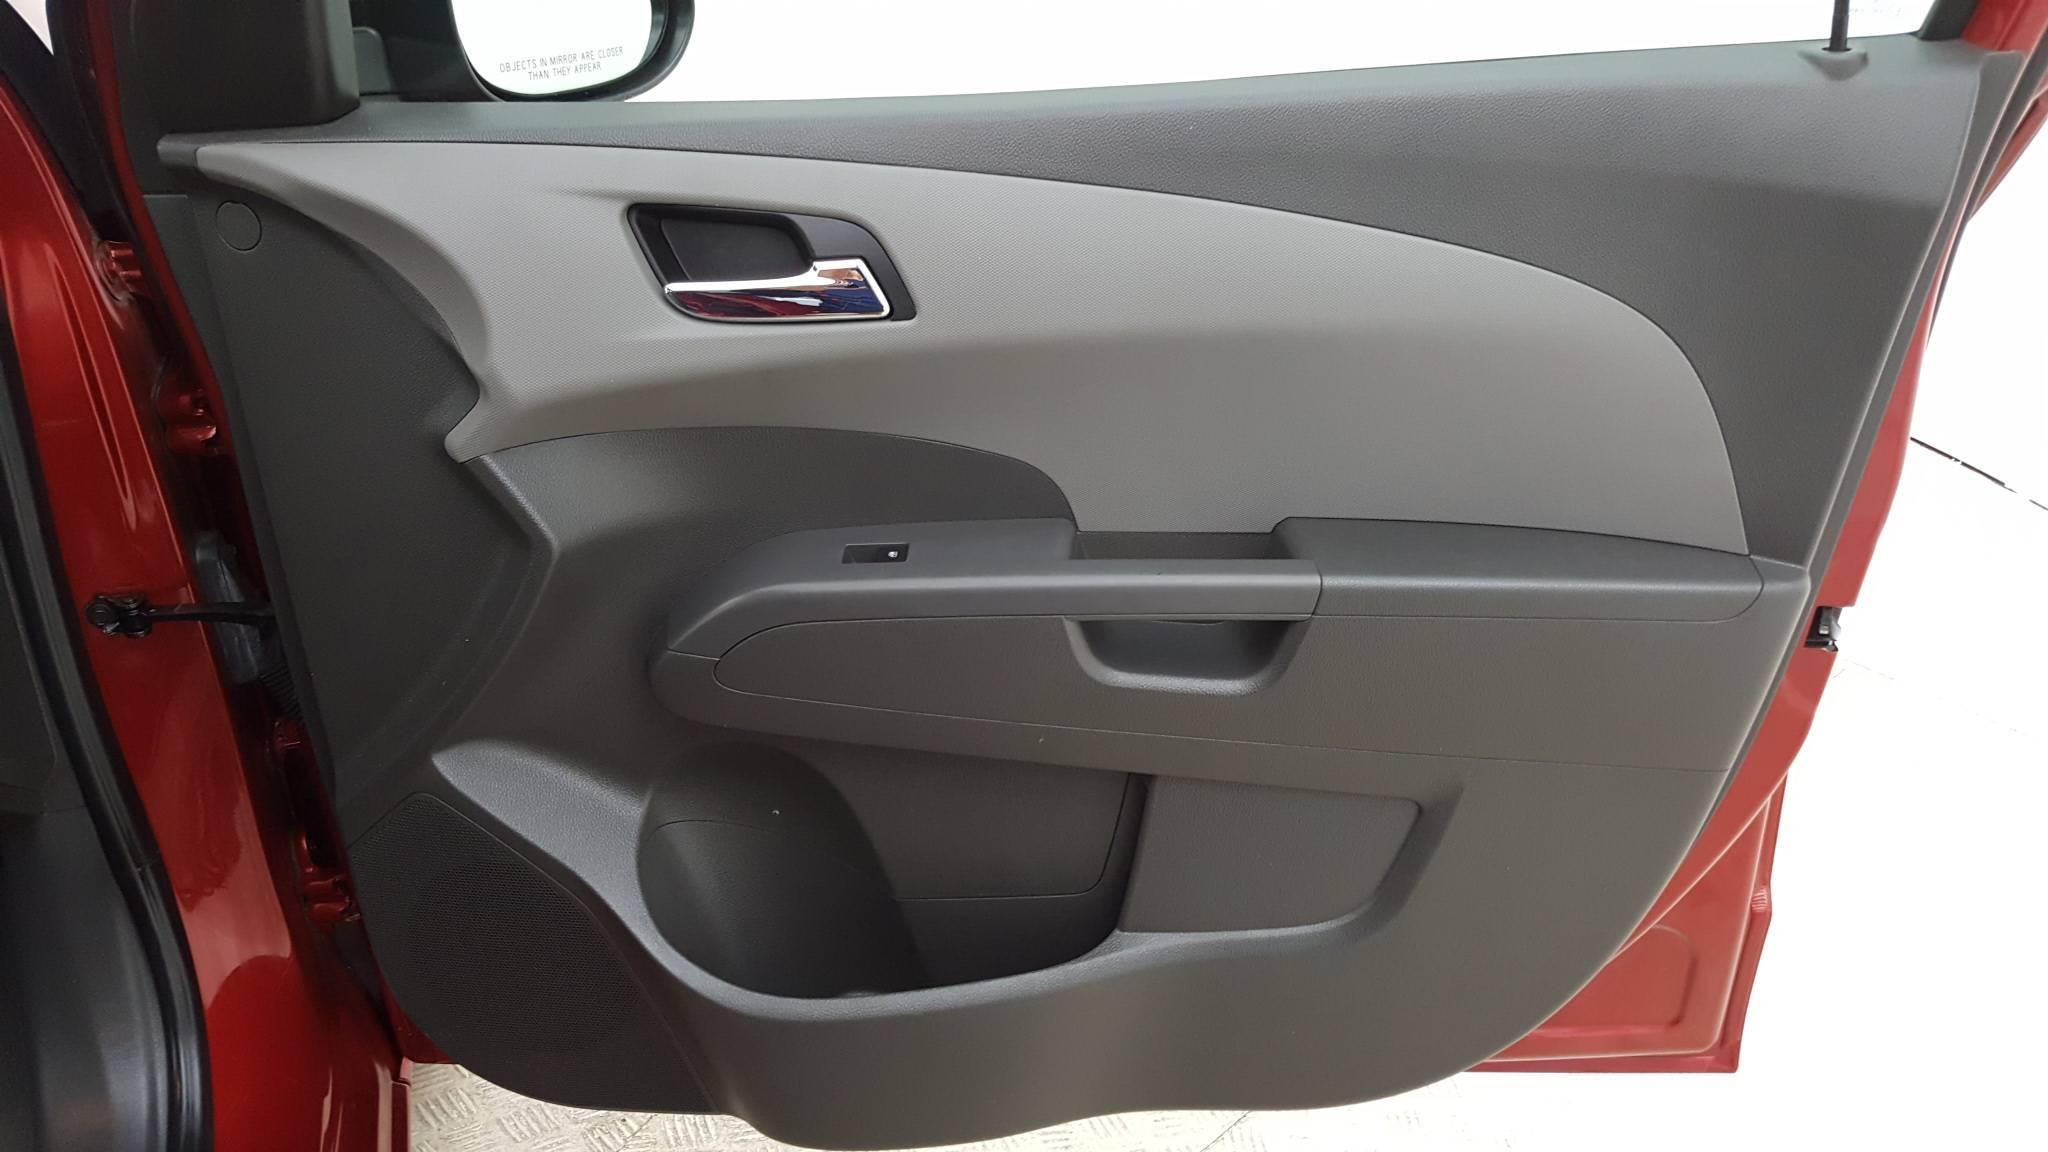 Pre-Owned 2012 Chevrolet Sonic LT